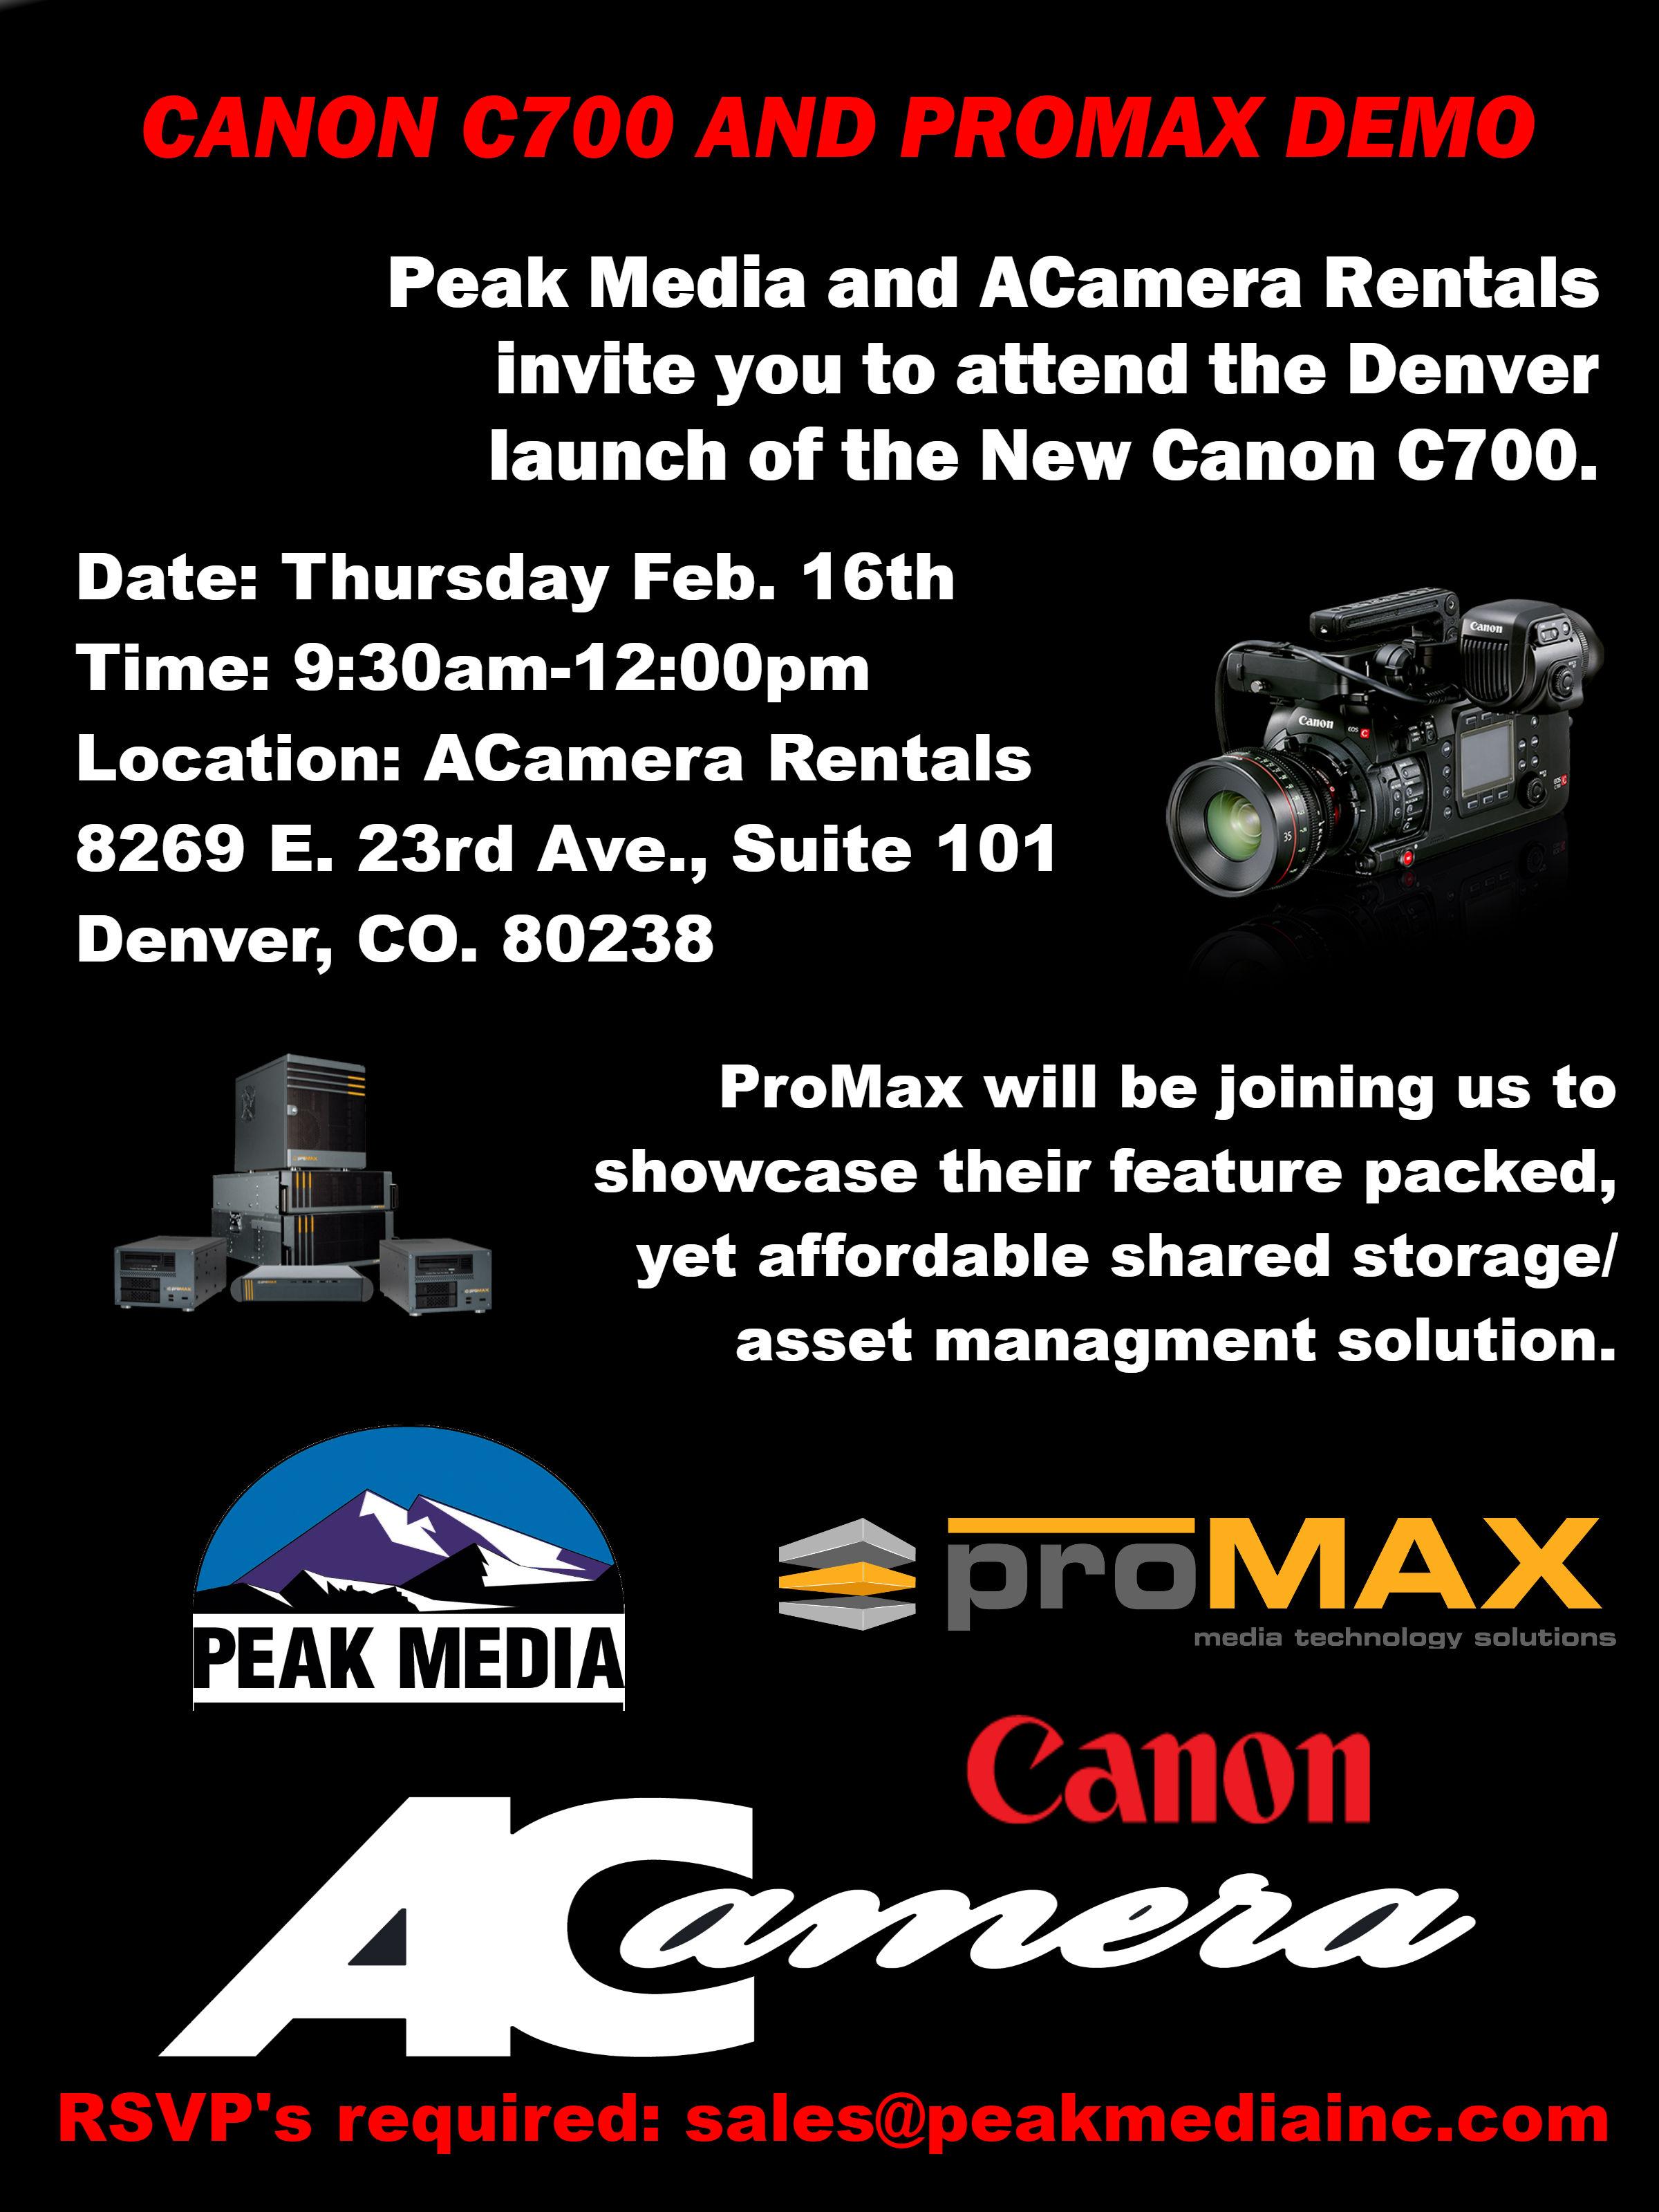 Canon C700 and ProMax Demo Event!